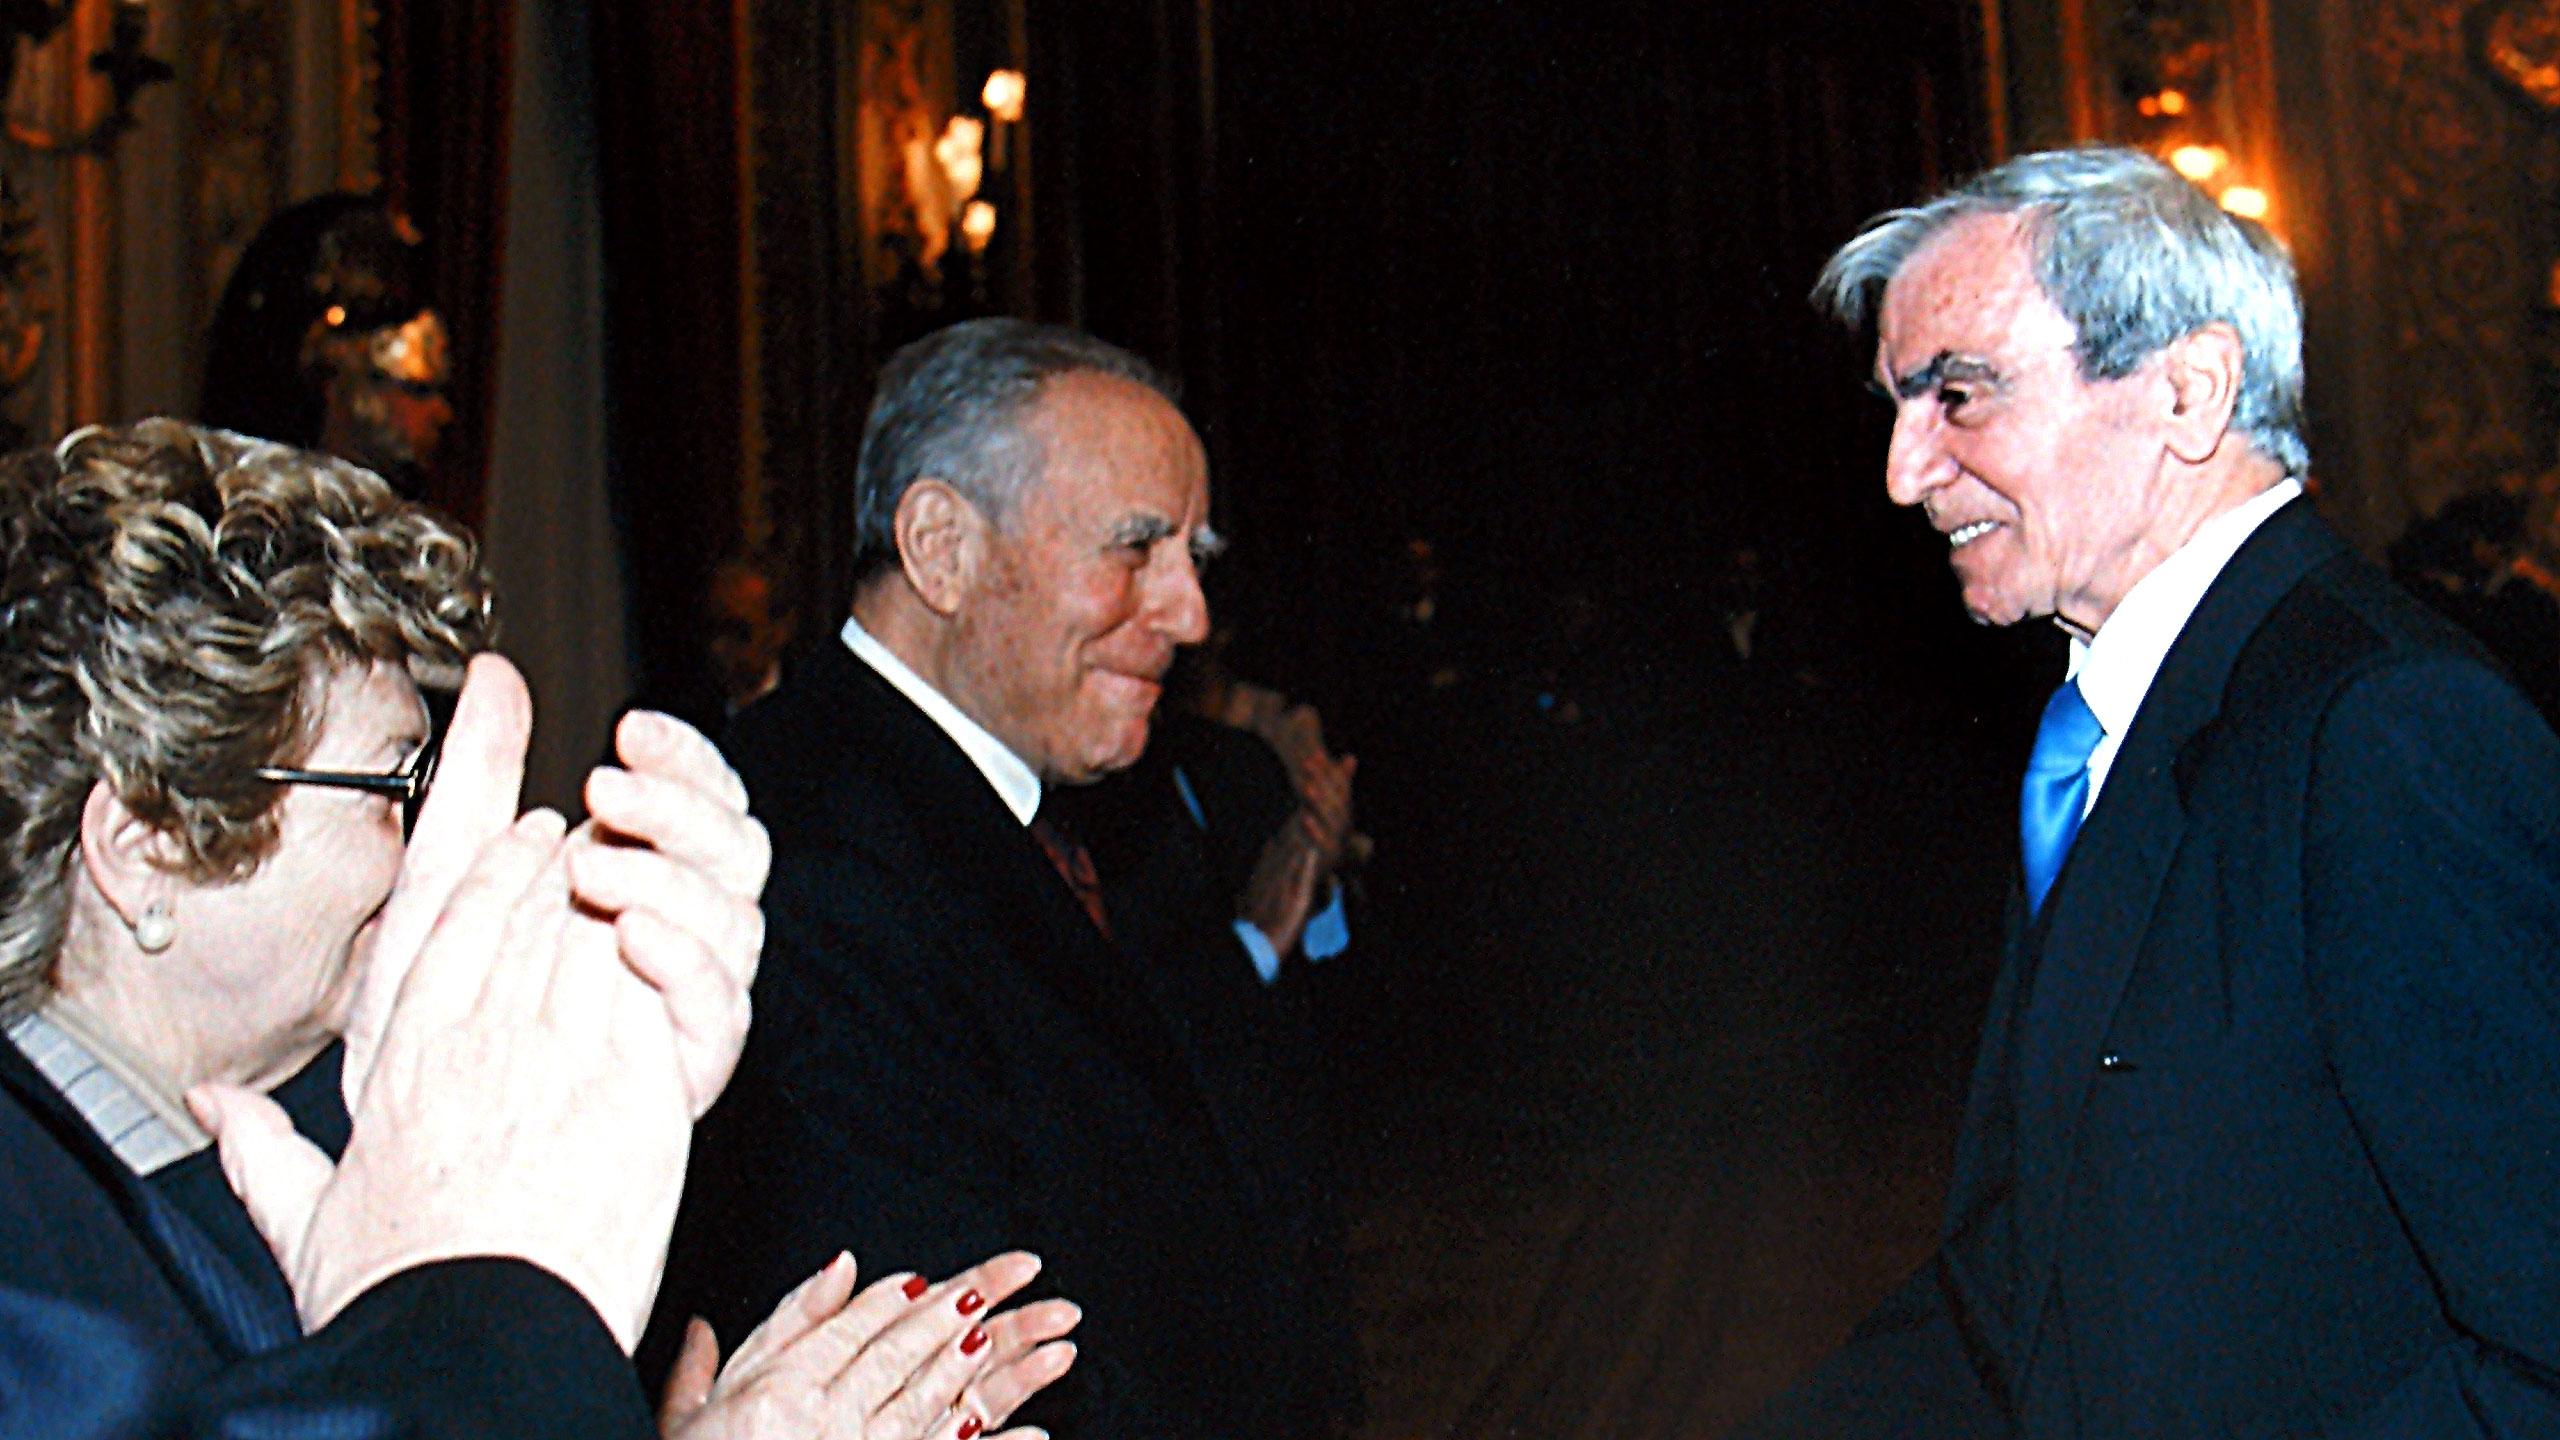 Carlo Rambaldi e Carlo Azeglio Ciampi